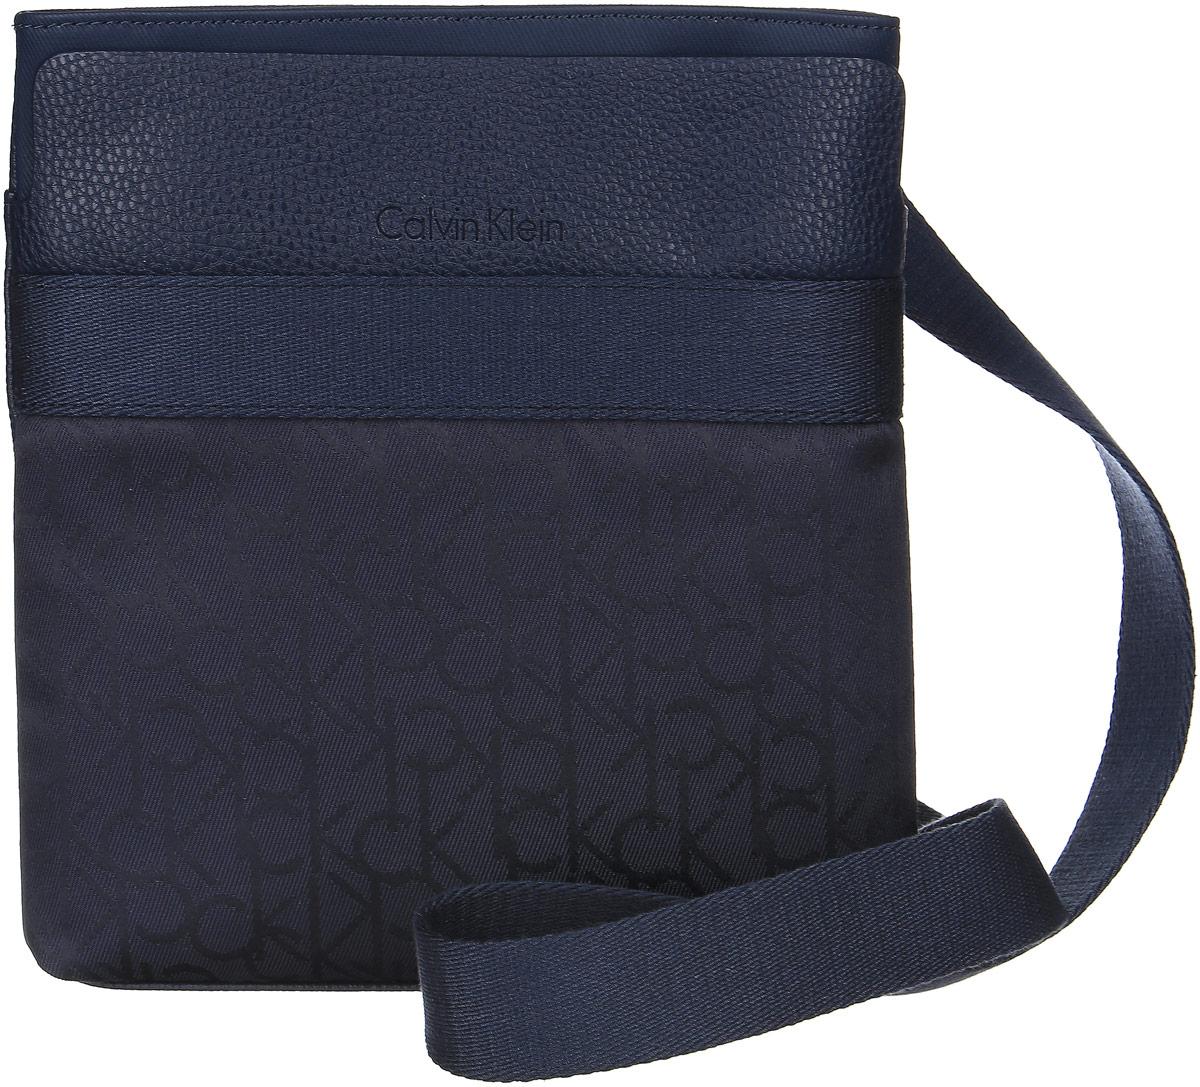 Сумка мужская Calvin Klein Jeans, цвет: темно-синий. K50K502124_0000A16-42010_205Стильная сумка Calvin Klein не оставит вас равнодушным благодаря своему дизайну и практичности. Она изготовлена из качественной искусственной кожи зернистой текстуры с элементами из полиэстера и оформлена фирменной тисненой надписью и принтом. На лицевой части расположен накладной карман, который закрывается на магнит. Изделие закрывается на удобную молнию. Внутри расположено главное отделение, которое содержит два открытых накладных кармана для телефона и мелочей и один вшитый карман на молнии. Такая удобная и модная сумка станет незаменимой вещью в вашем гардеробе.